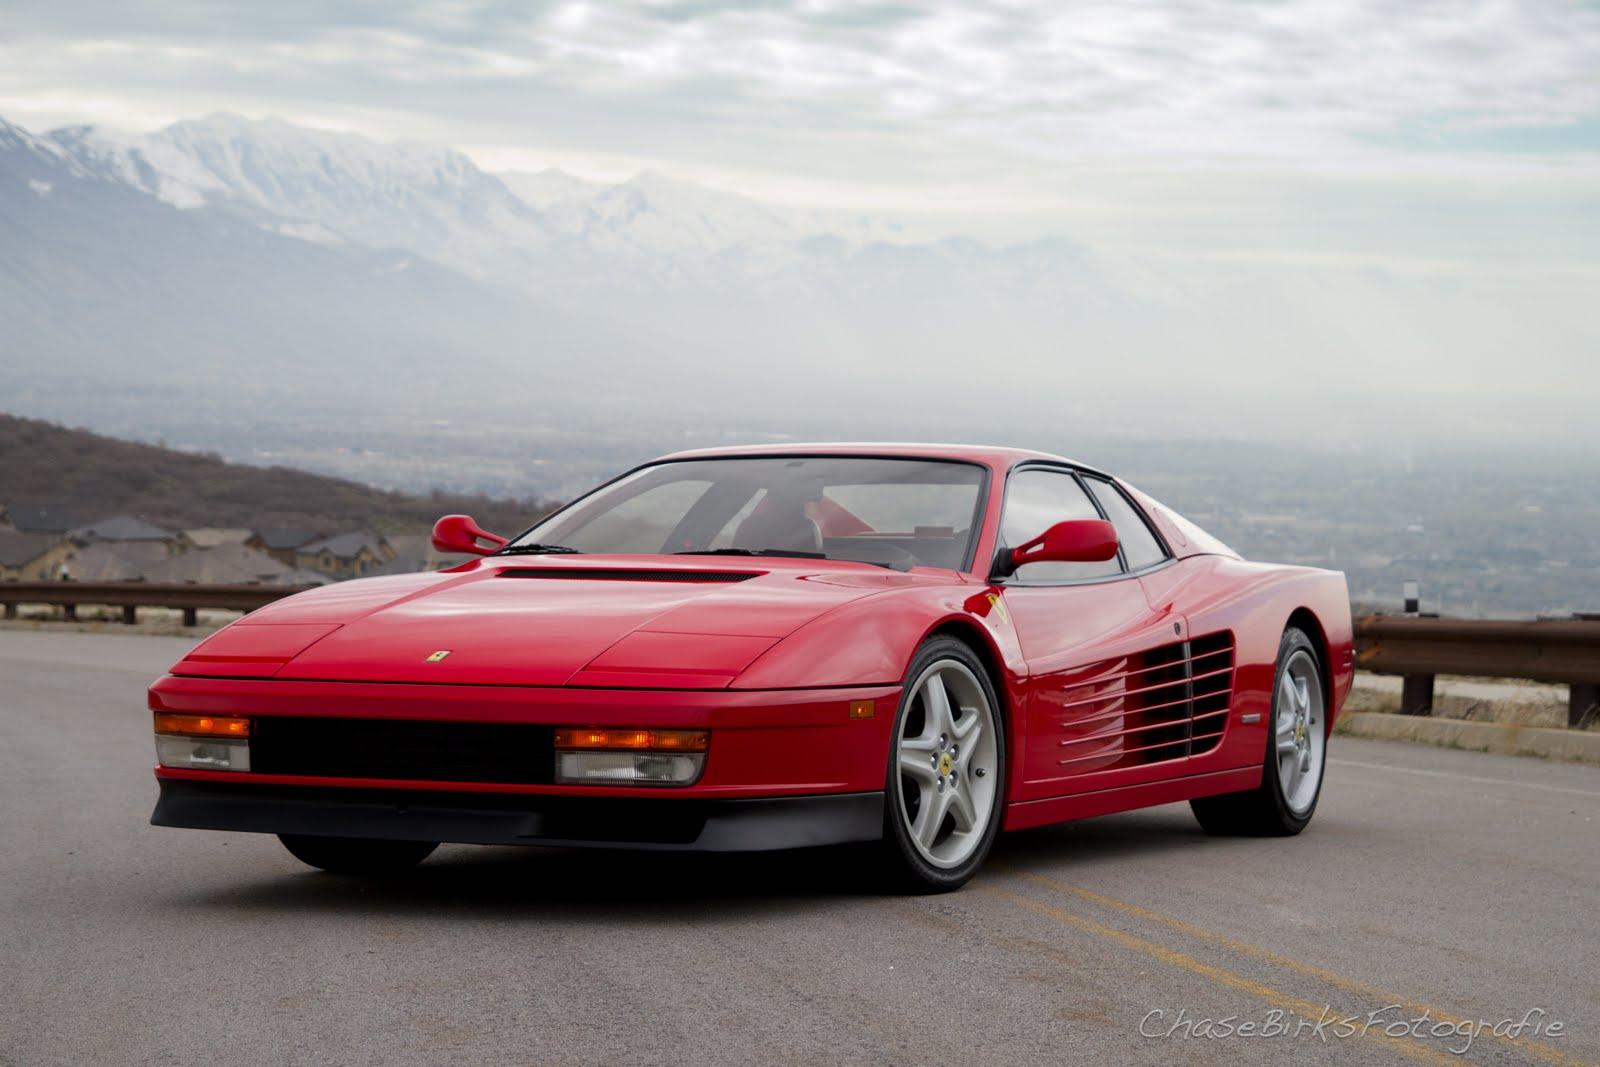 Ferrari Testarossa | Carbon Fotos by Chase Birks